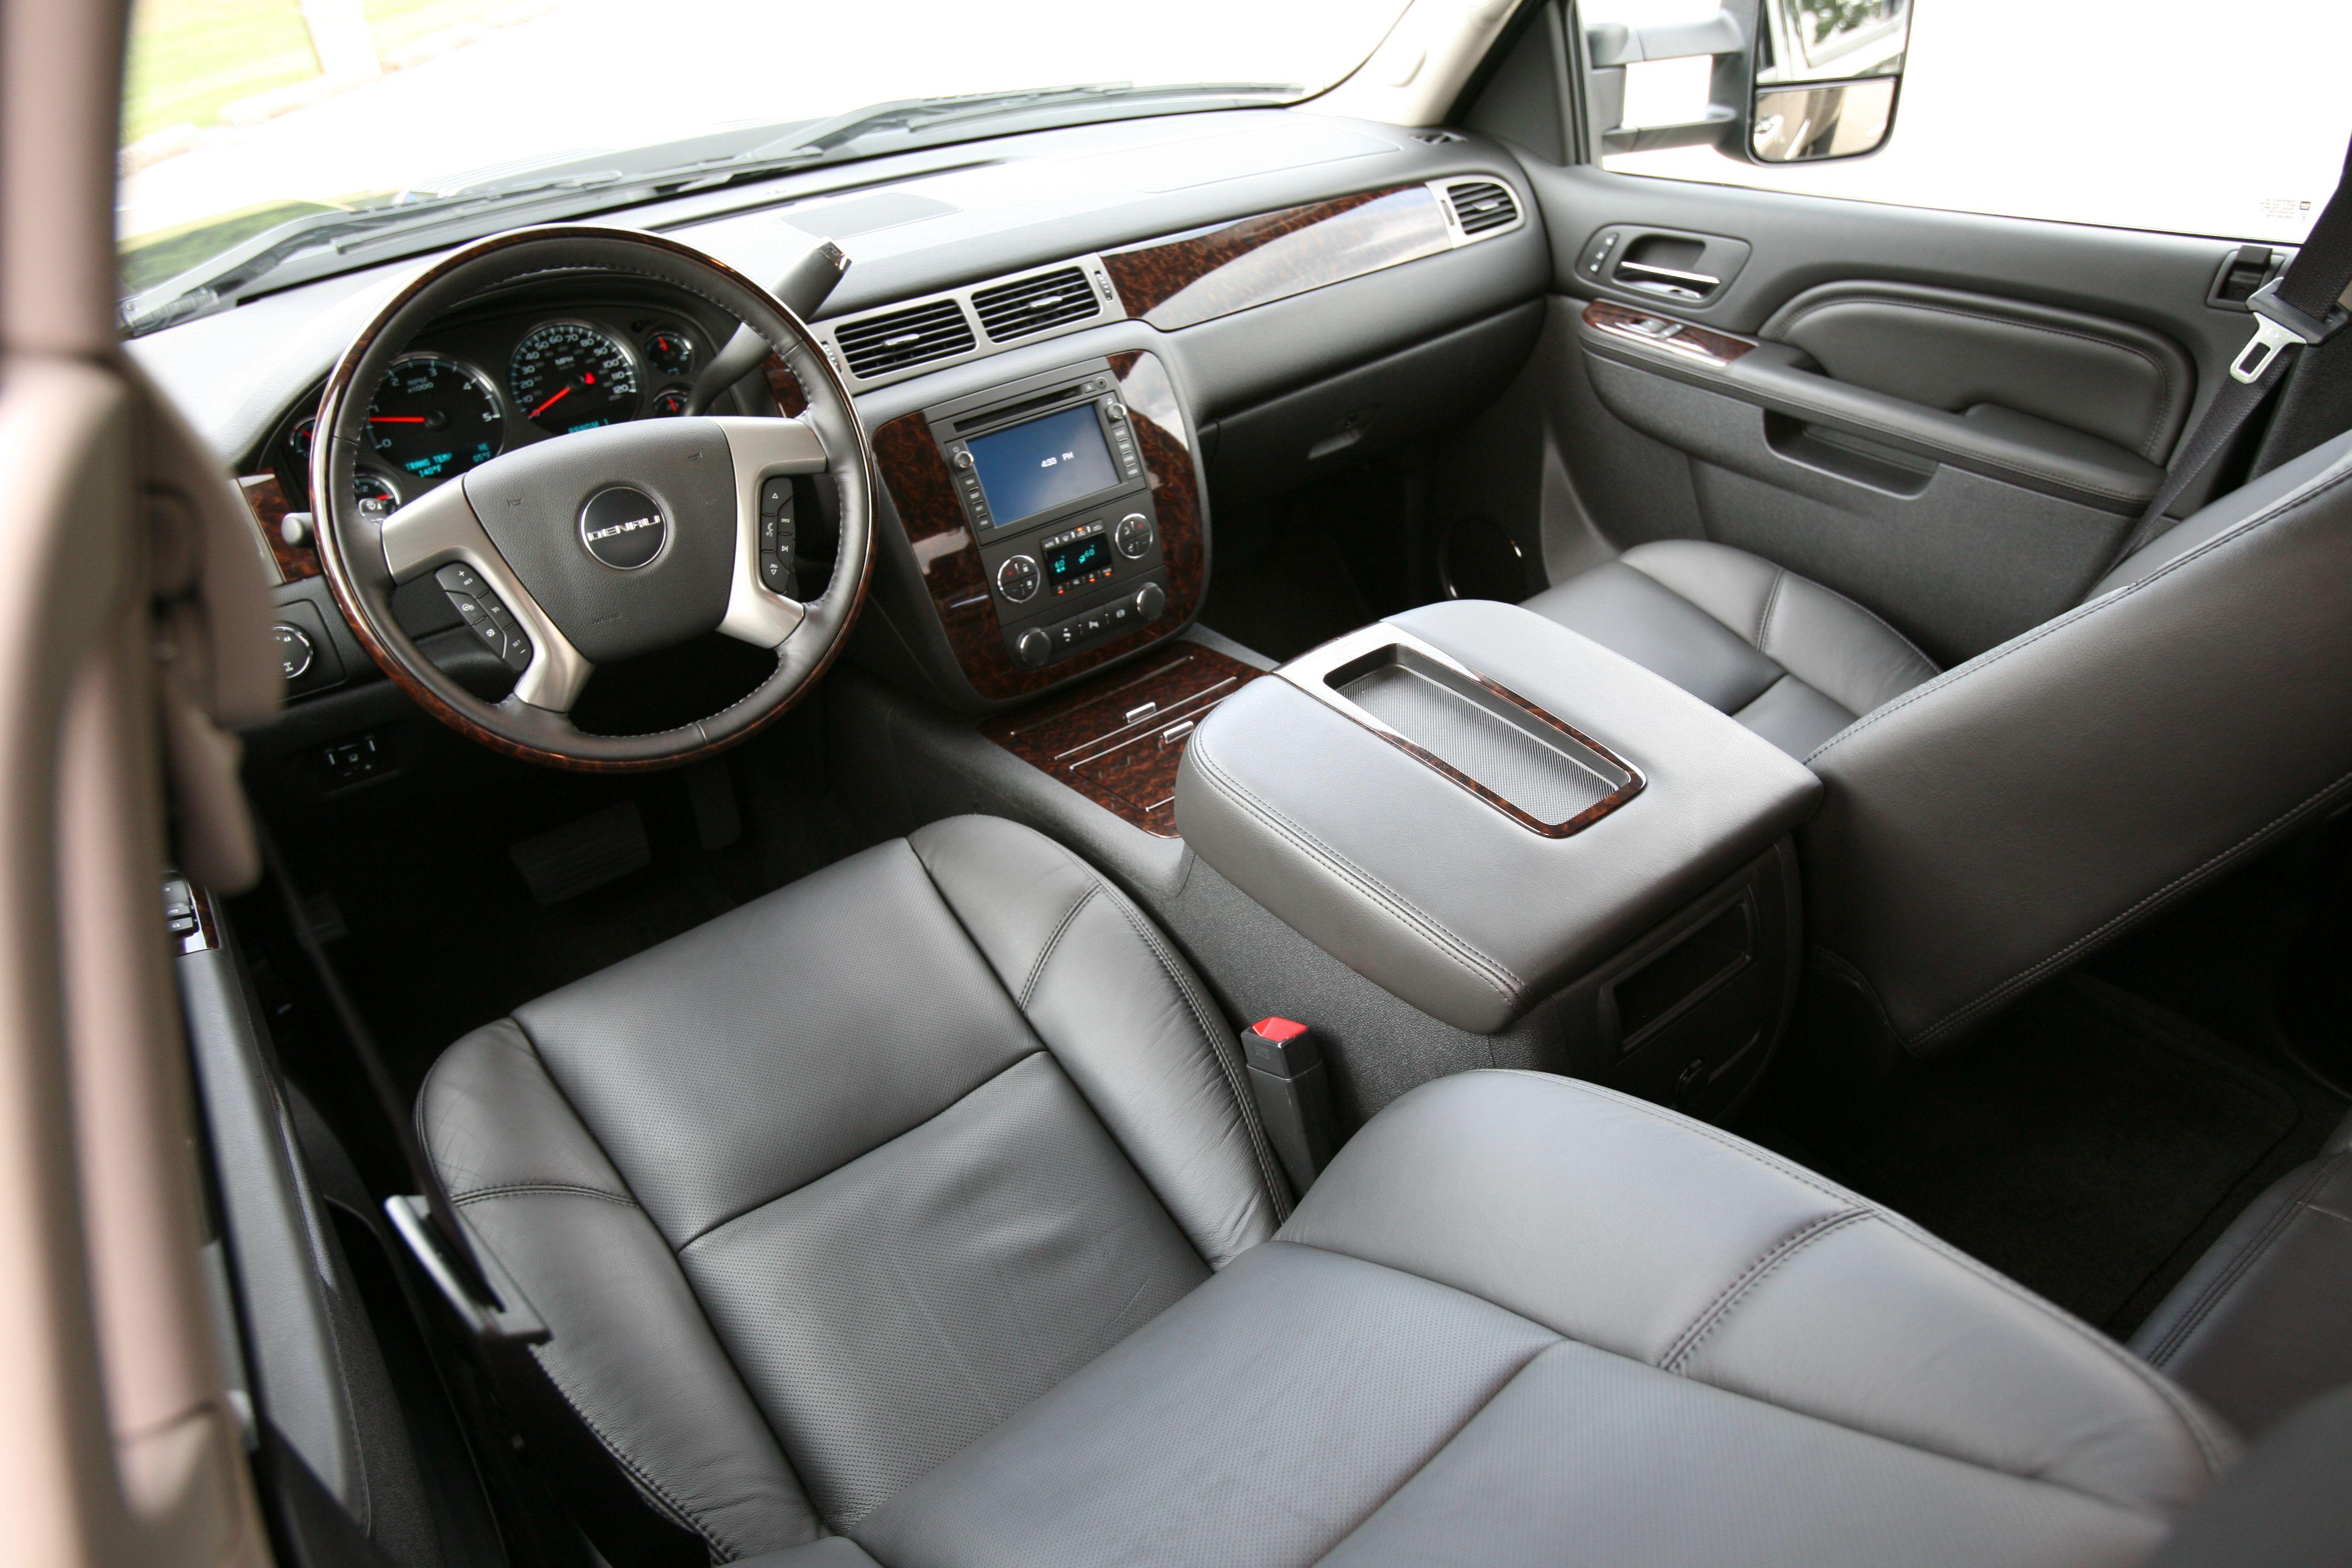 2011 gmc denali hd 3500 duramax diesel